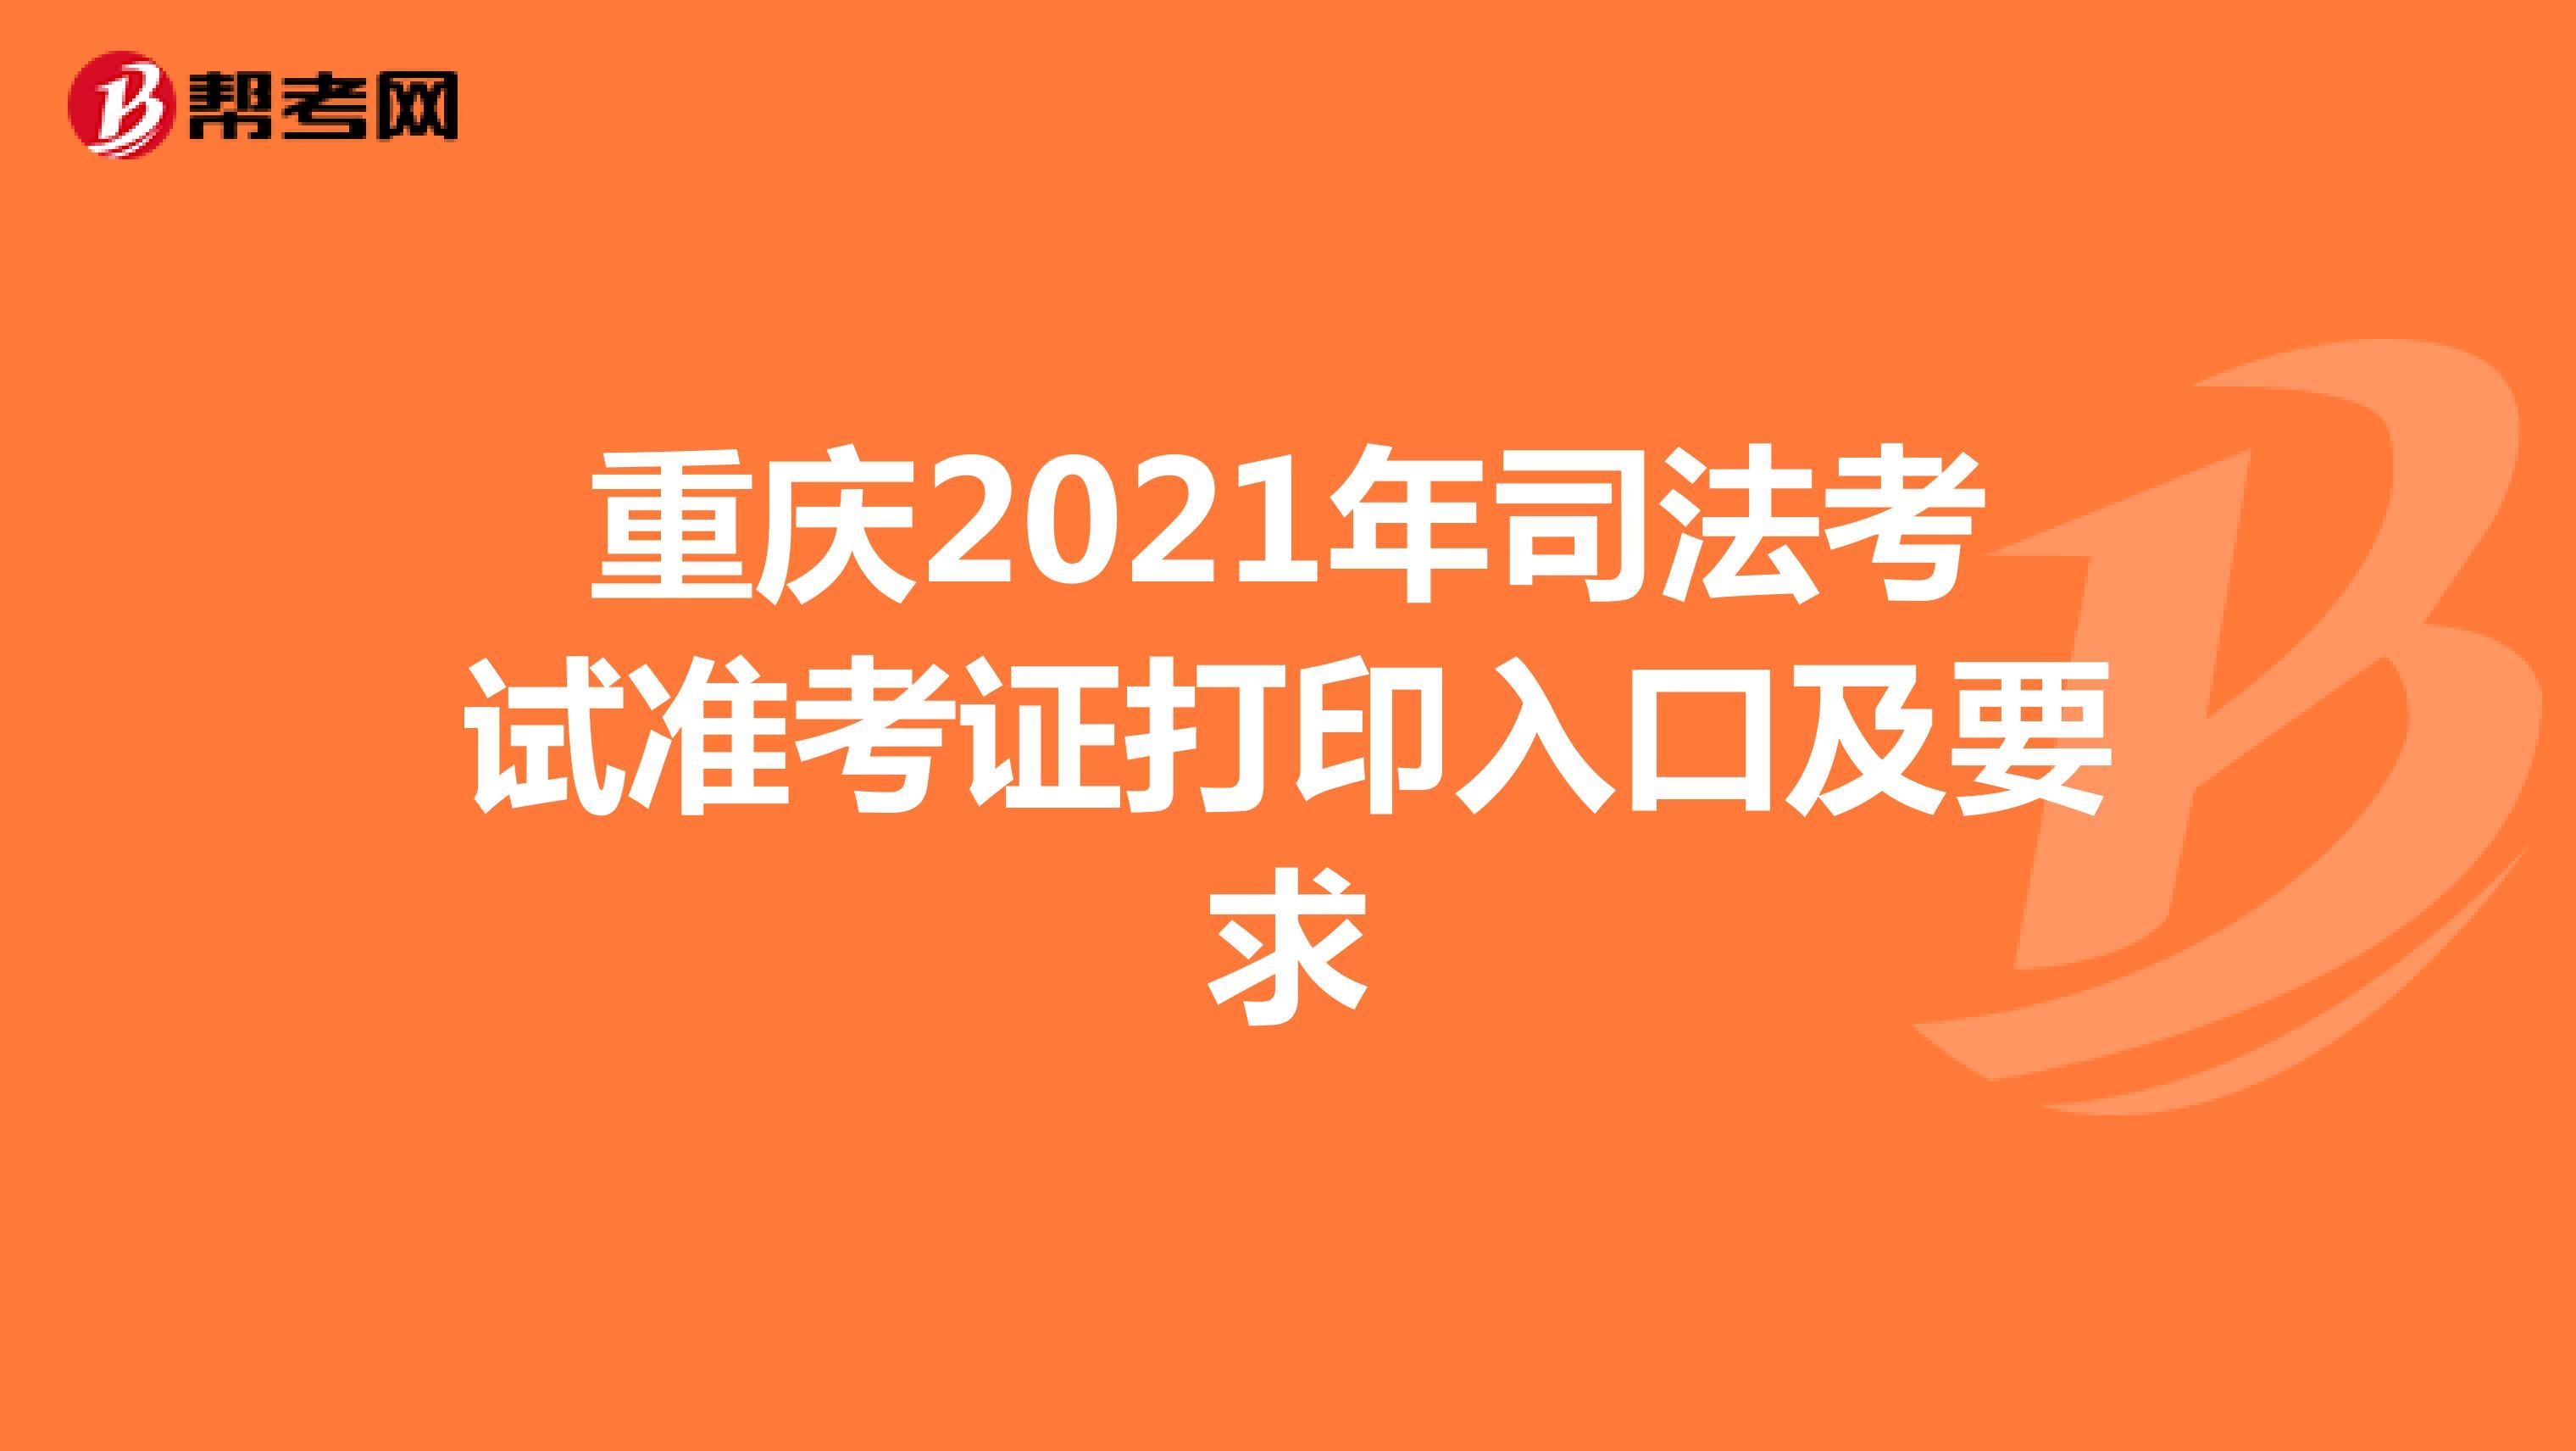 重庆2021年司法考试准考证打印入口及要求